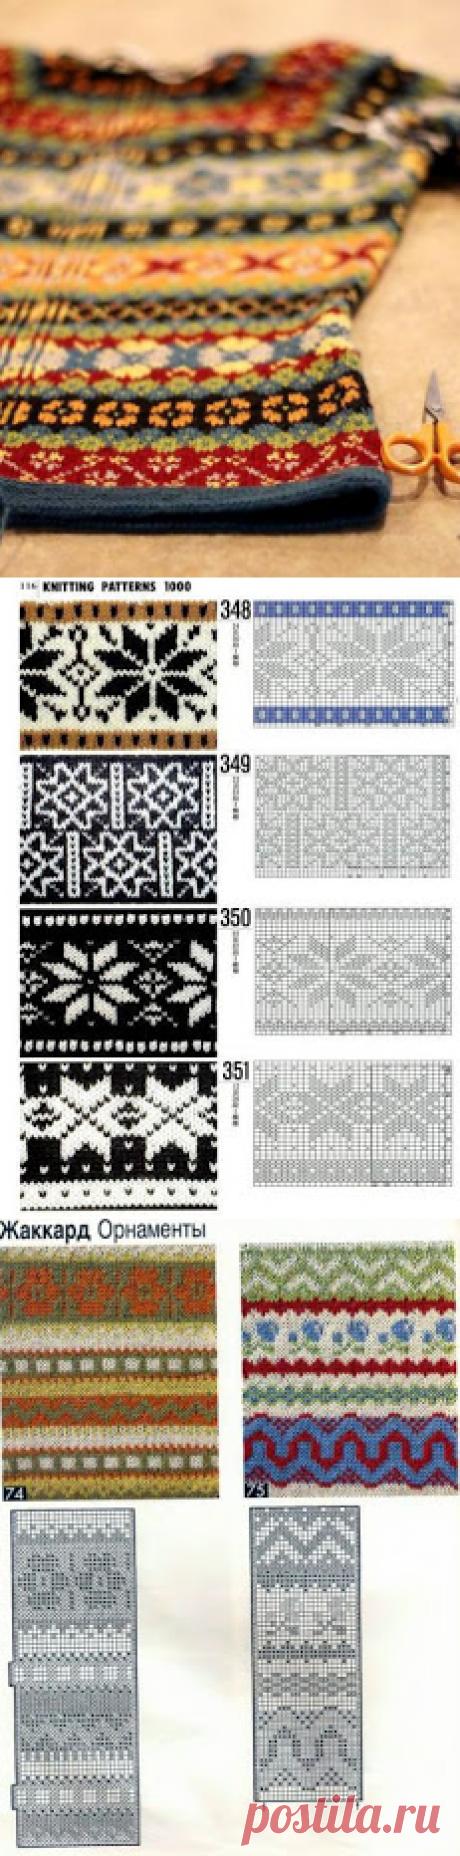 """Вязание в стиле Fair isle: снуды, шарфы, шапки..."""" (подборка + схемы)"""